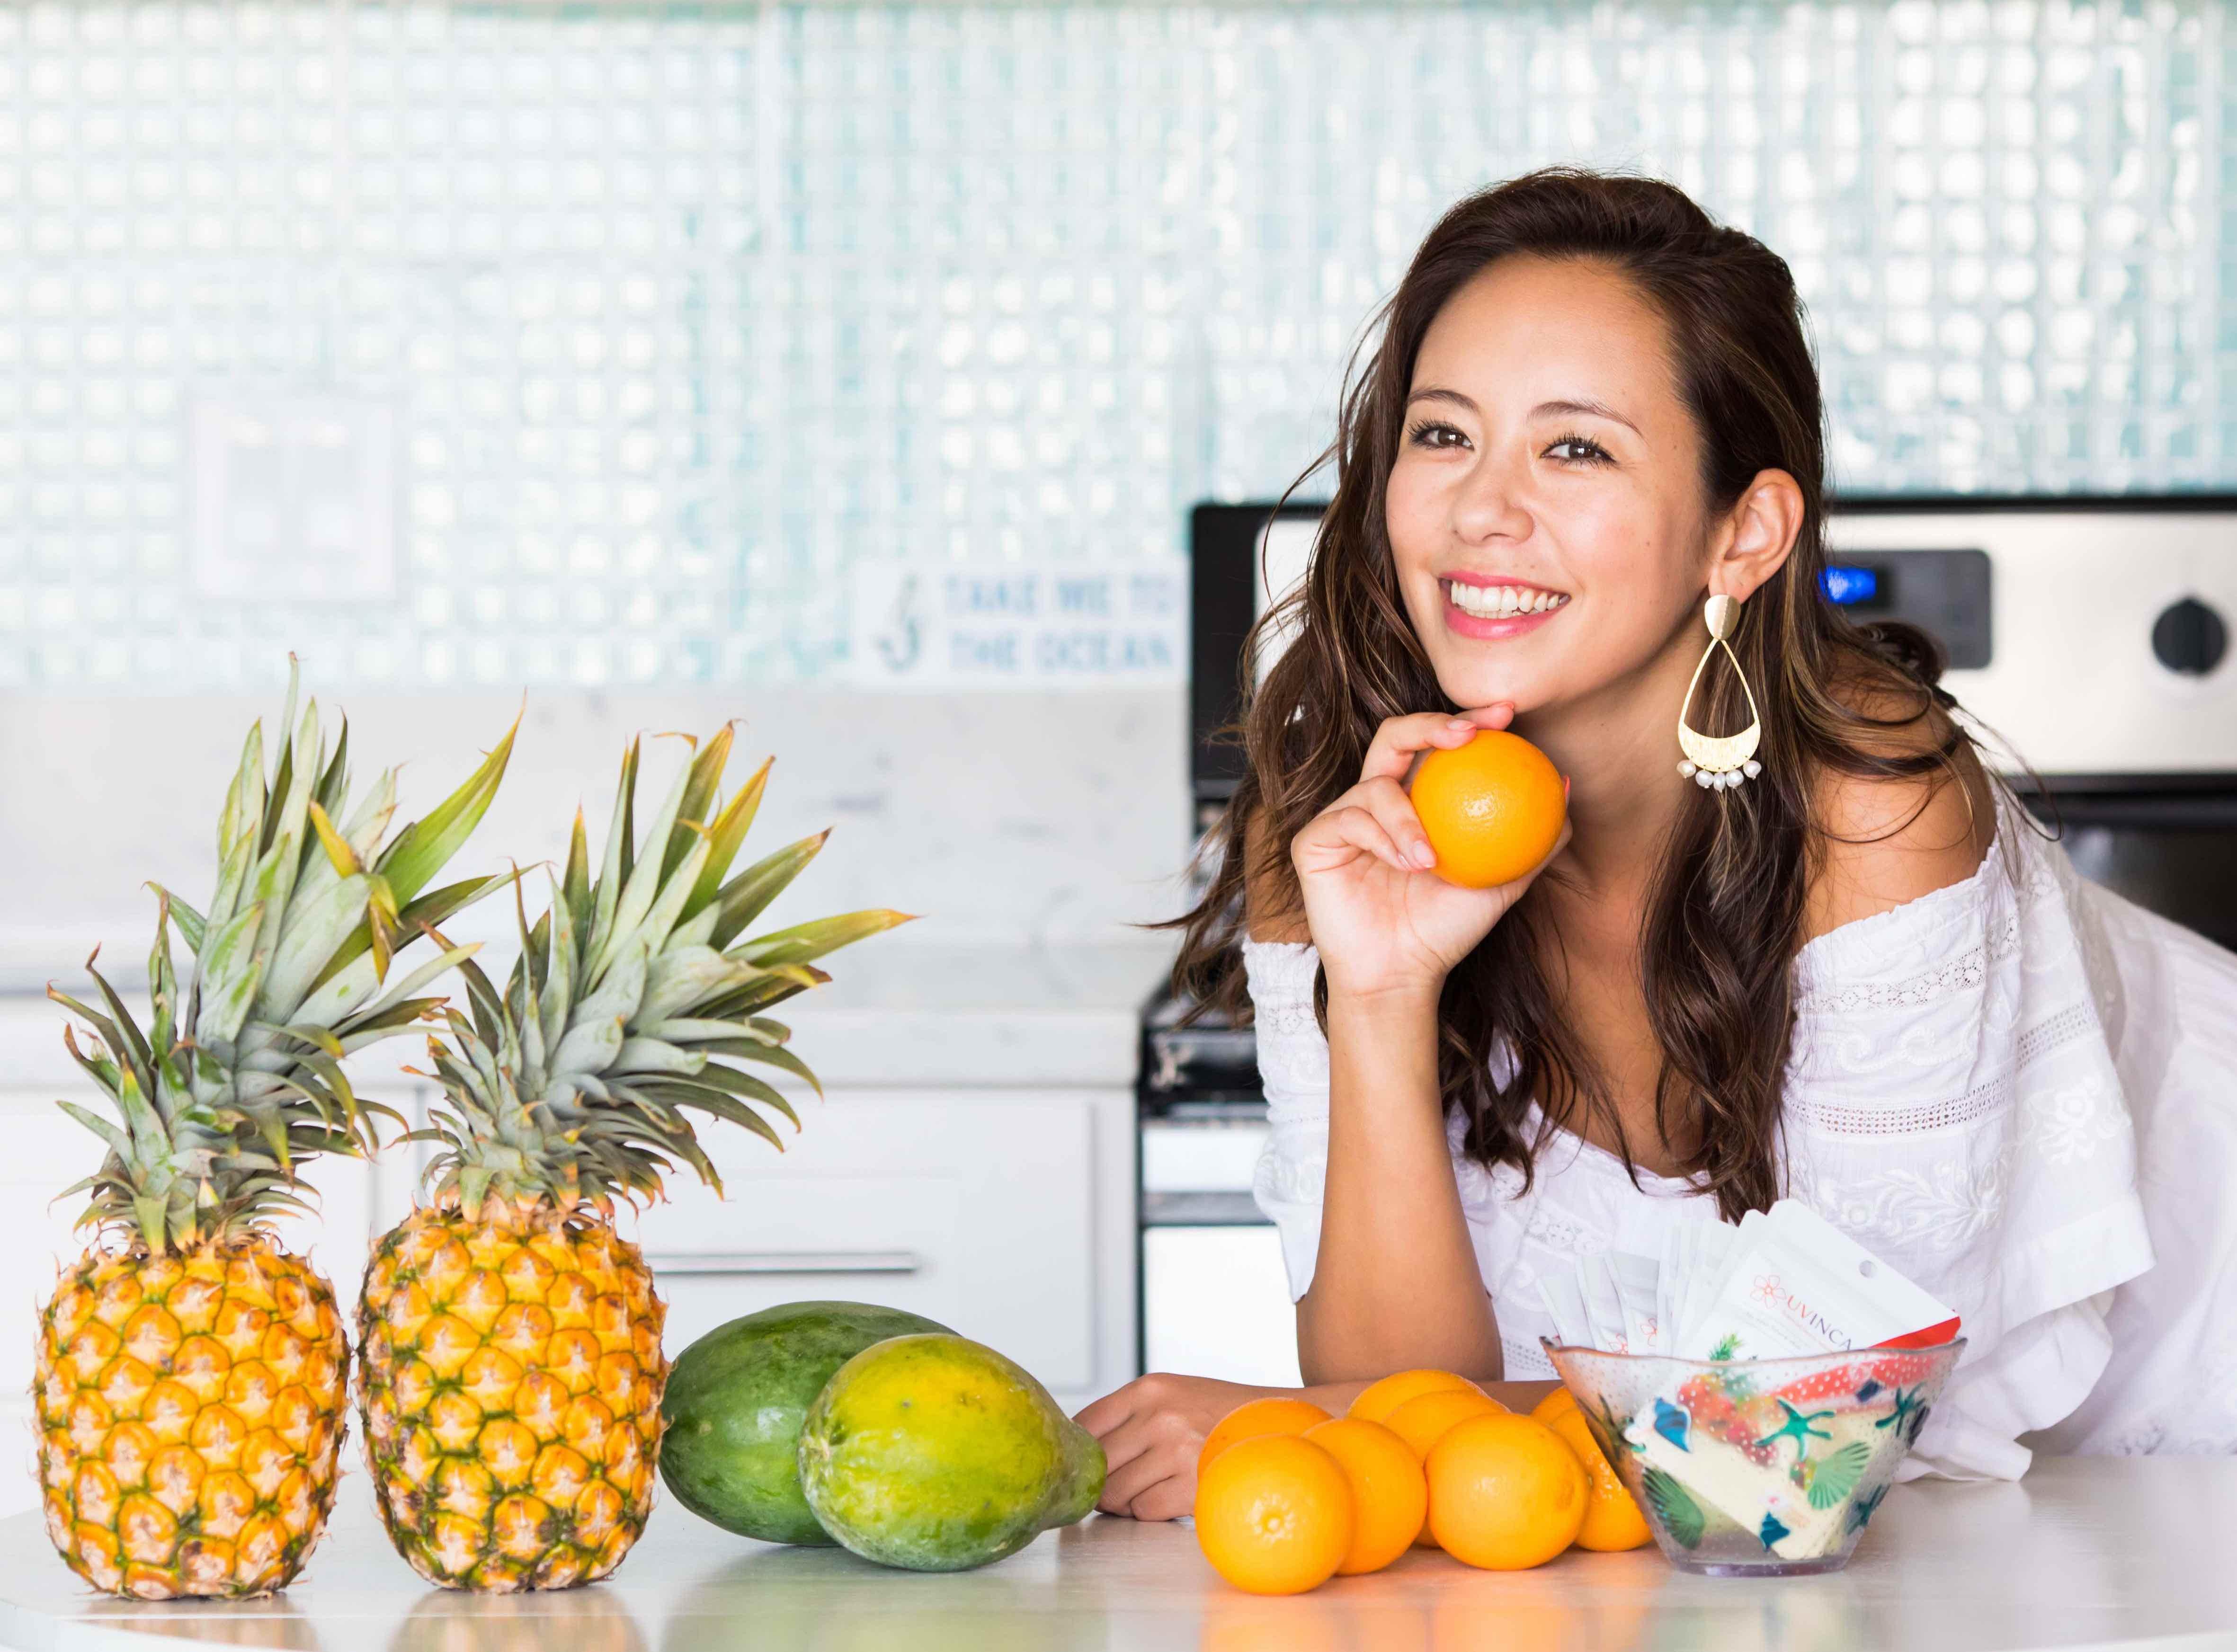 ハワイと太陽を楽しみたいから!飲む紫外線エイジングケア | ALOHA GIRL